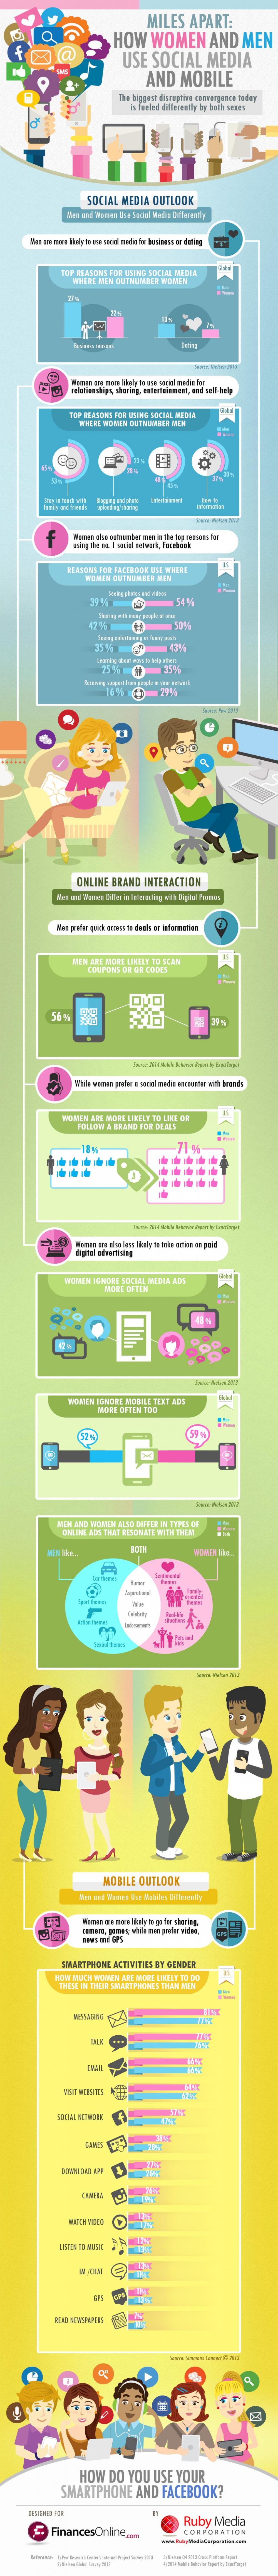 women-social-media-infographic_1.jpg